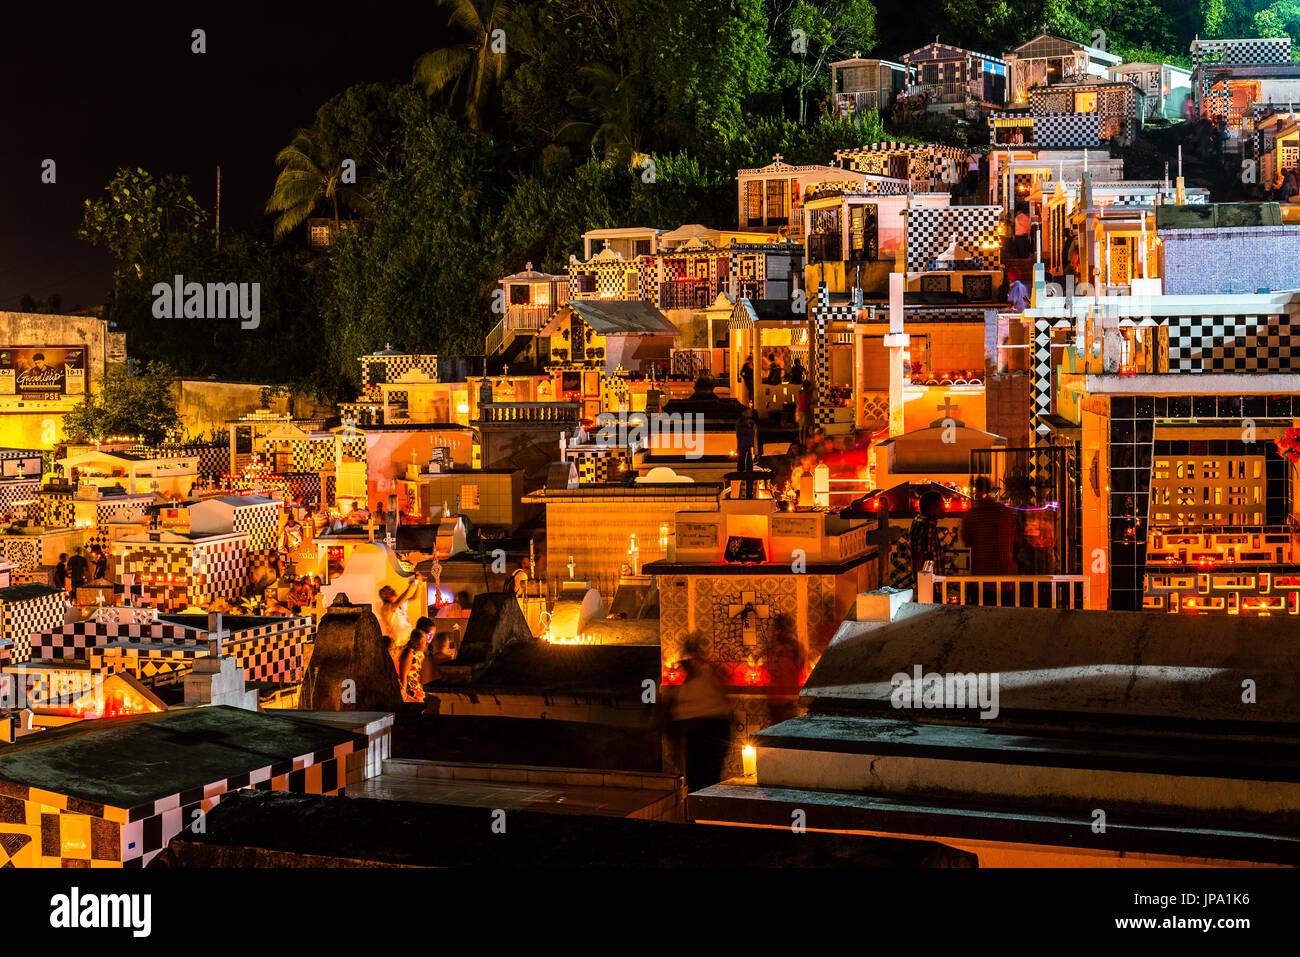 """MORNE-A-L'EAU, GUADALUPA - Novembre 01, 2015: il Cimitero di 'Morne-à-l'eau"""", Guadalupa. con le candele accese nella Solennità di Tutti i Santi Immagini Stock"""